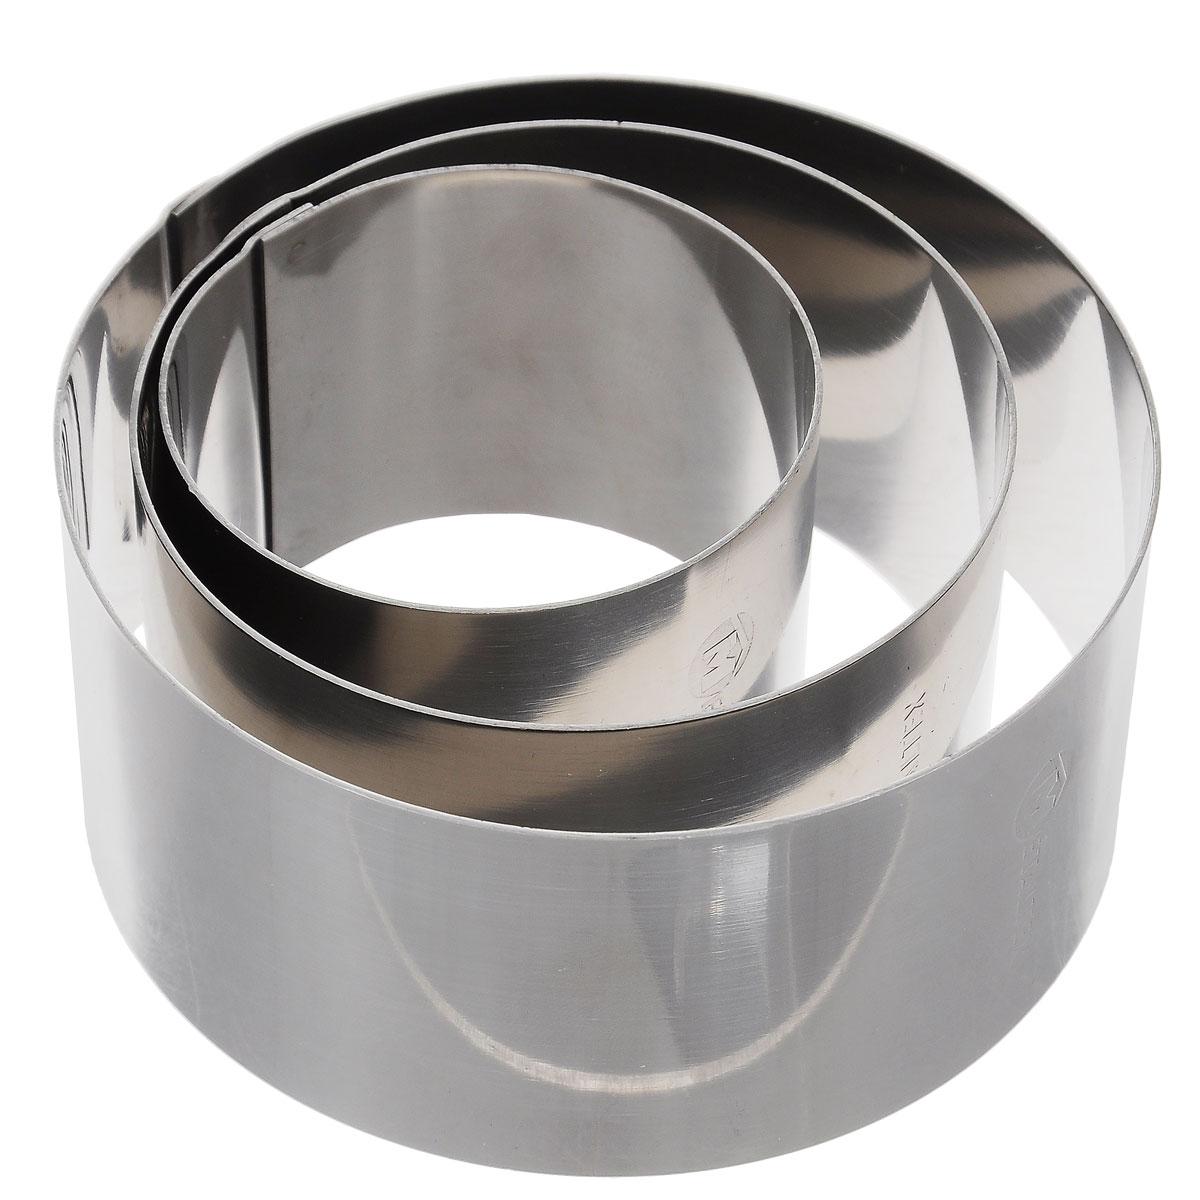 Кольца кулинарные Metaltex, 3 шт20.45.36Набор Metaltex состоит из трех неразъемных колец разного диаметра. Кольца выполнены из высококачественной нержавеющей стали. Идеальны для придания формы различным блюдам. Кулинарные формы Metaltex для выпечки будет отличным выбором для всех любителей бисквитов и кексов, а также заливных блюд и пудингов. С такой формой вы всегда сможете порадовать своих близких оригинальной выпечкой. Можно мыть в посудомоечной машине. Диаметр: 10 см, 8 см, 6 см. Высота стенок: 4,5 см.